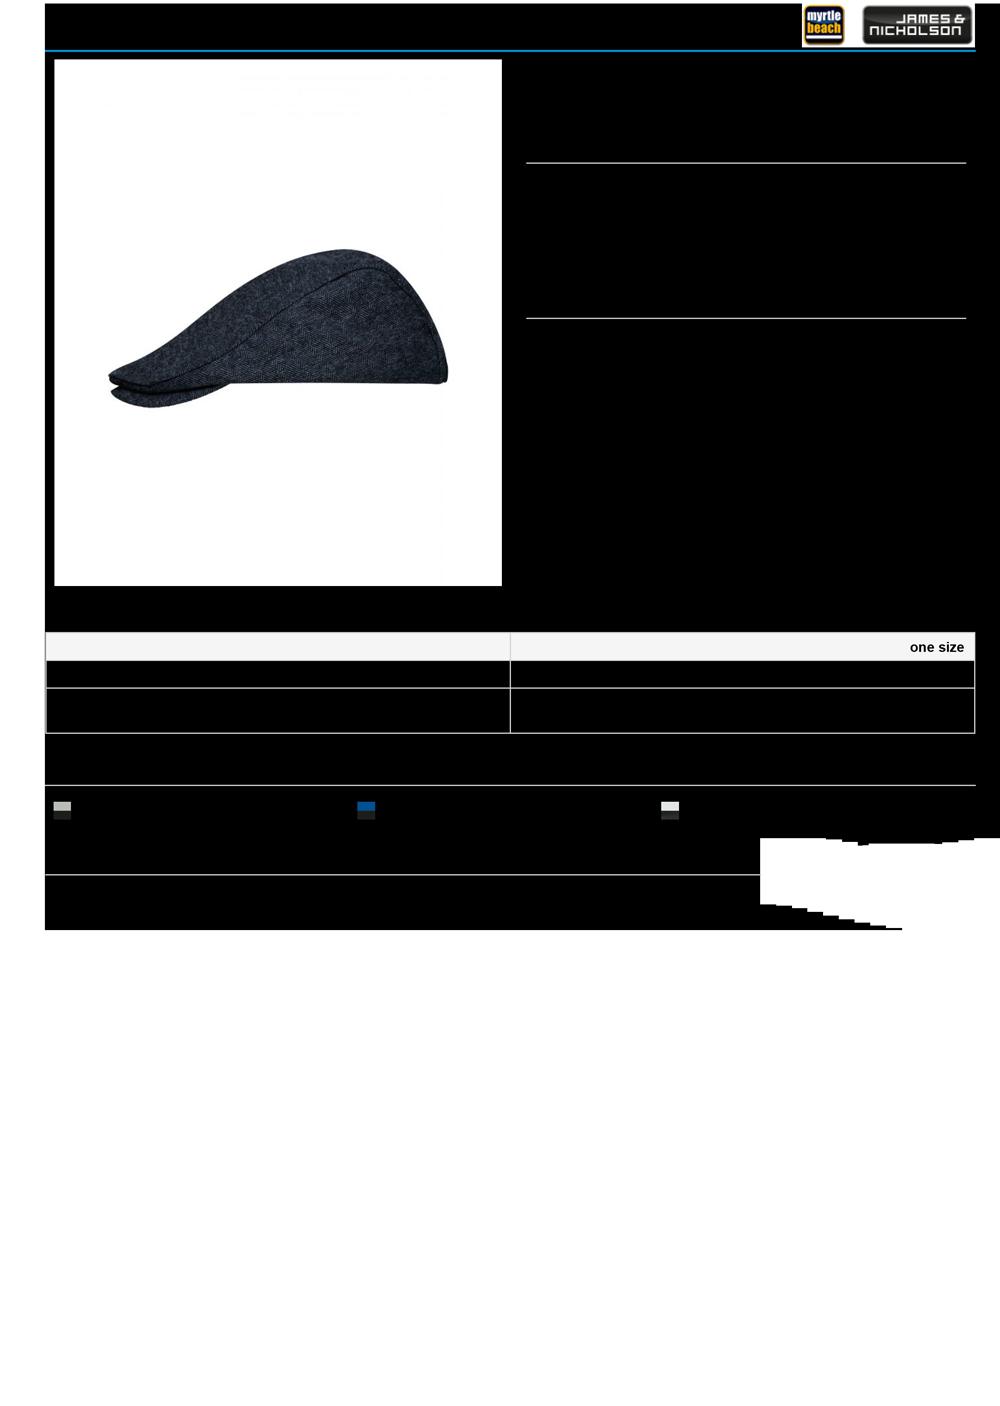 MB6226 Specifikacije